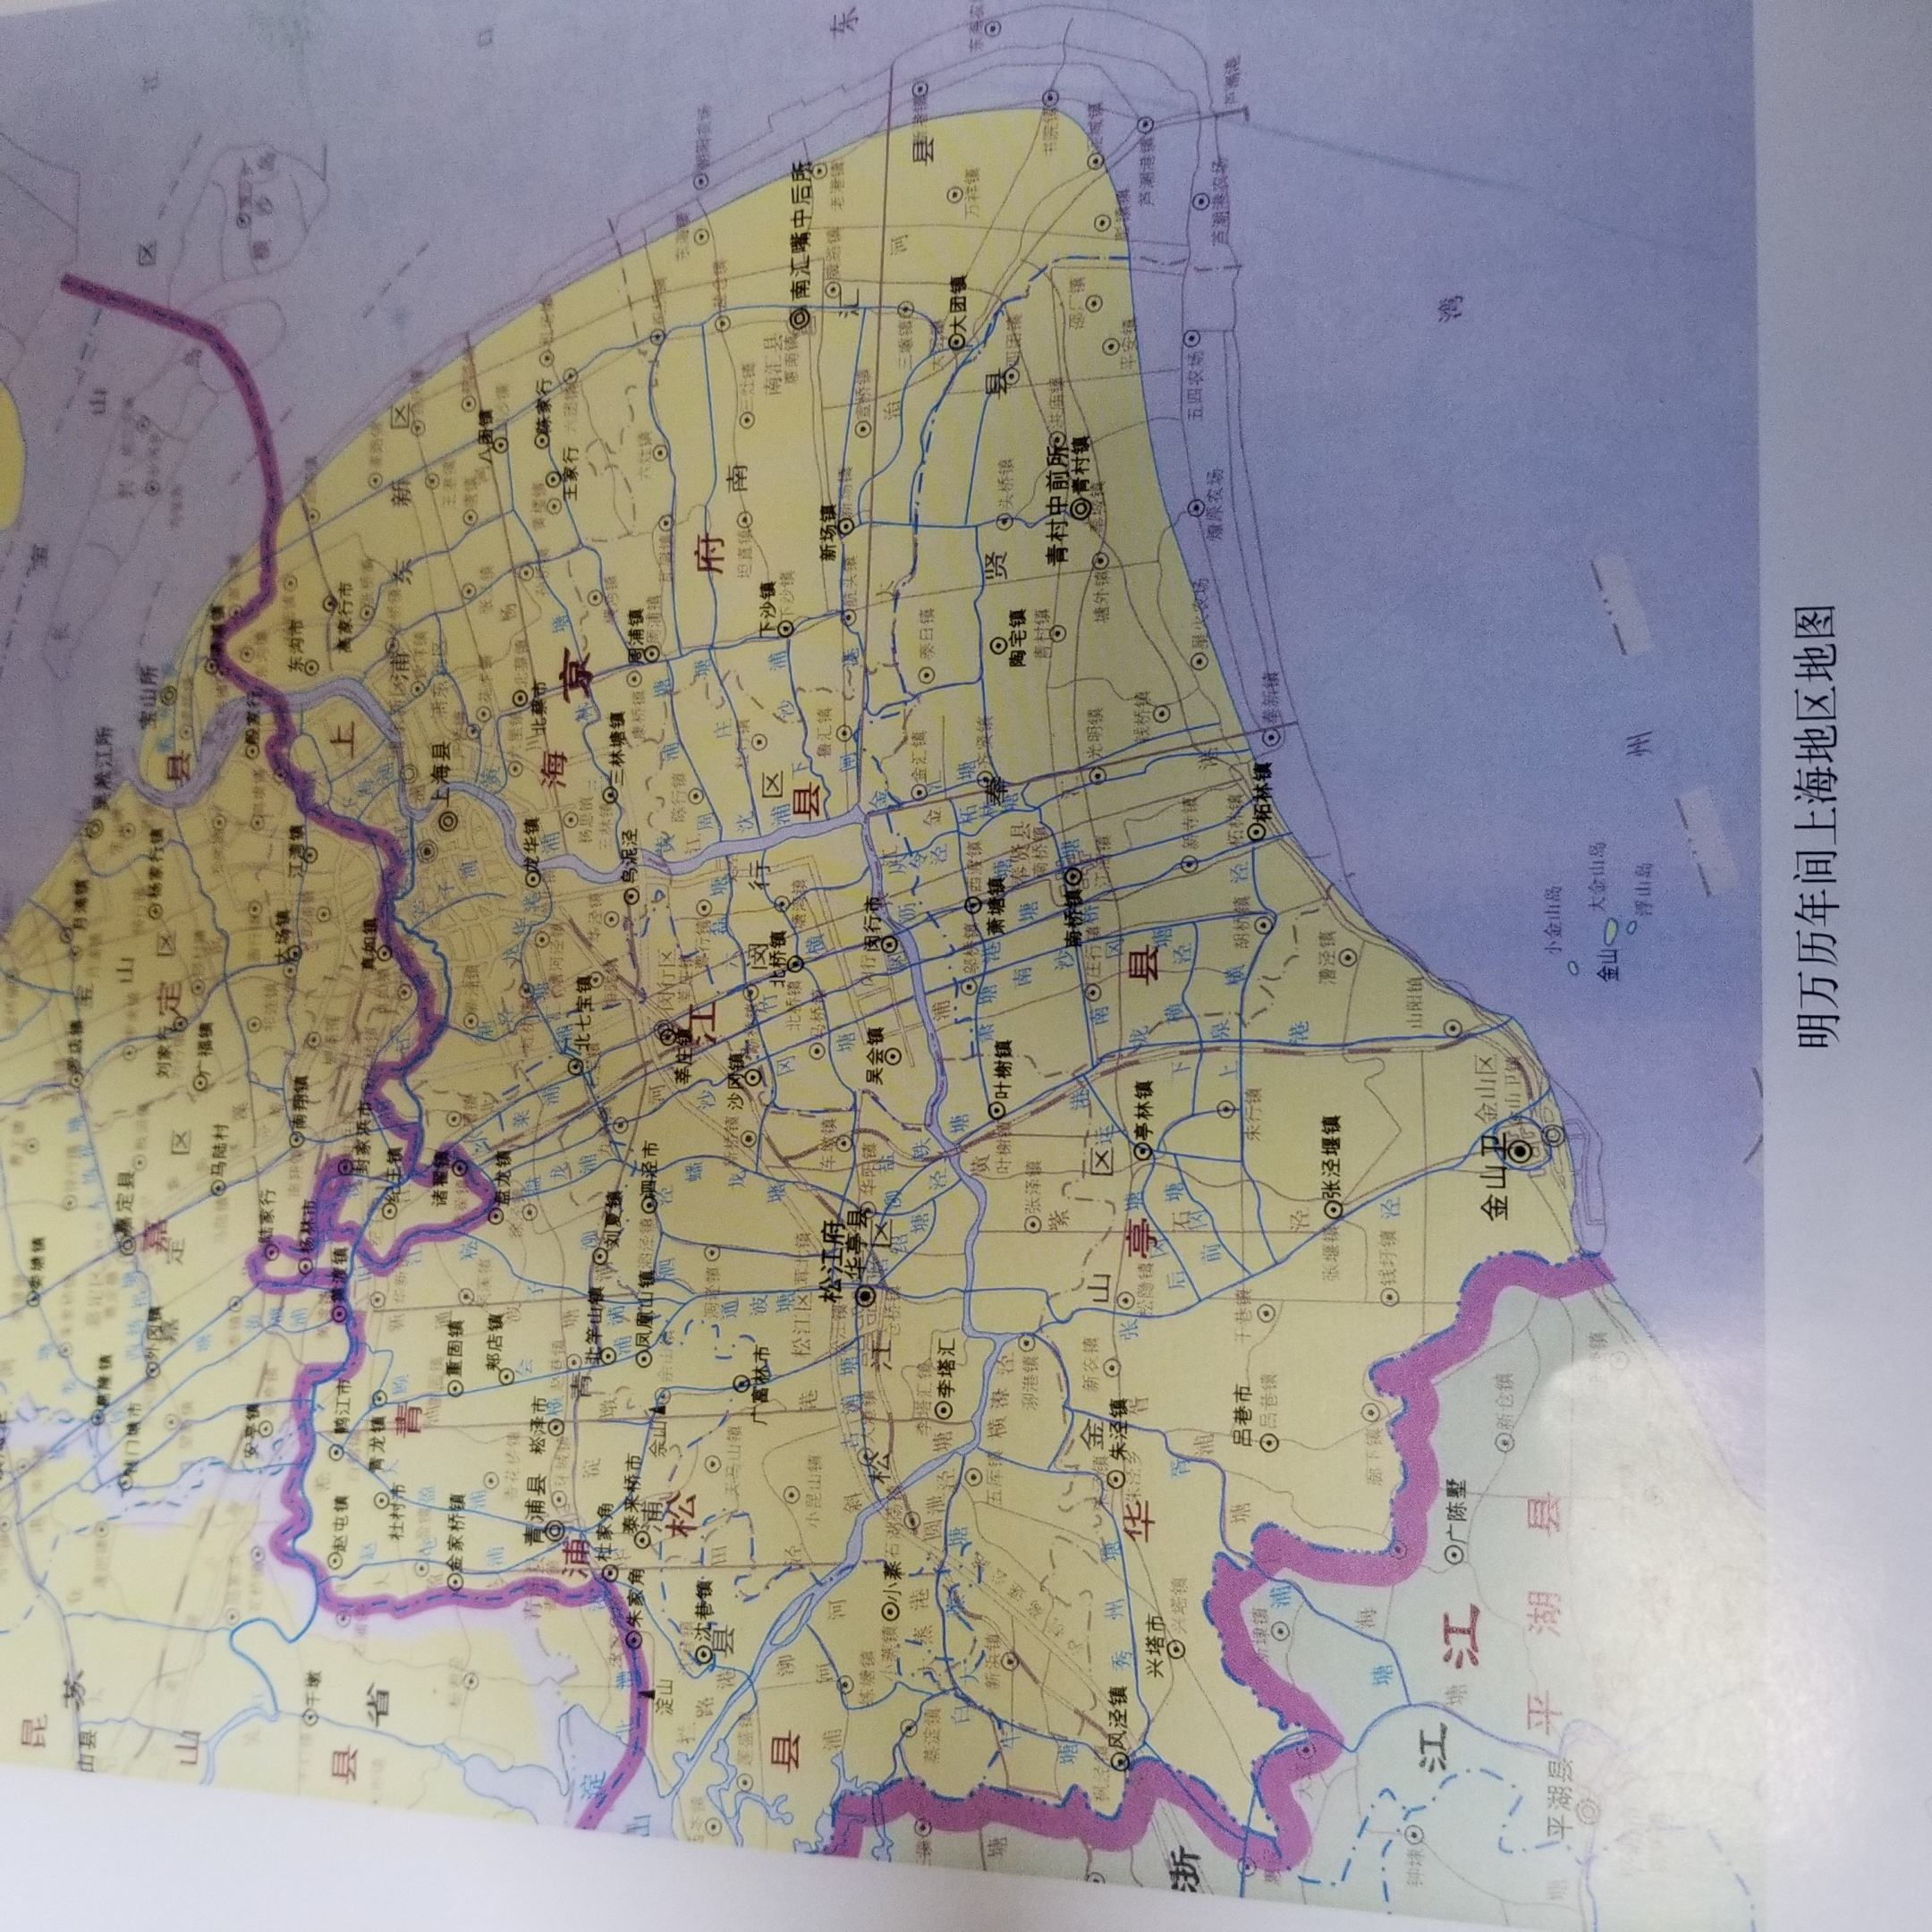 当时松江府下辖三个县 华亭县上海县青浦县